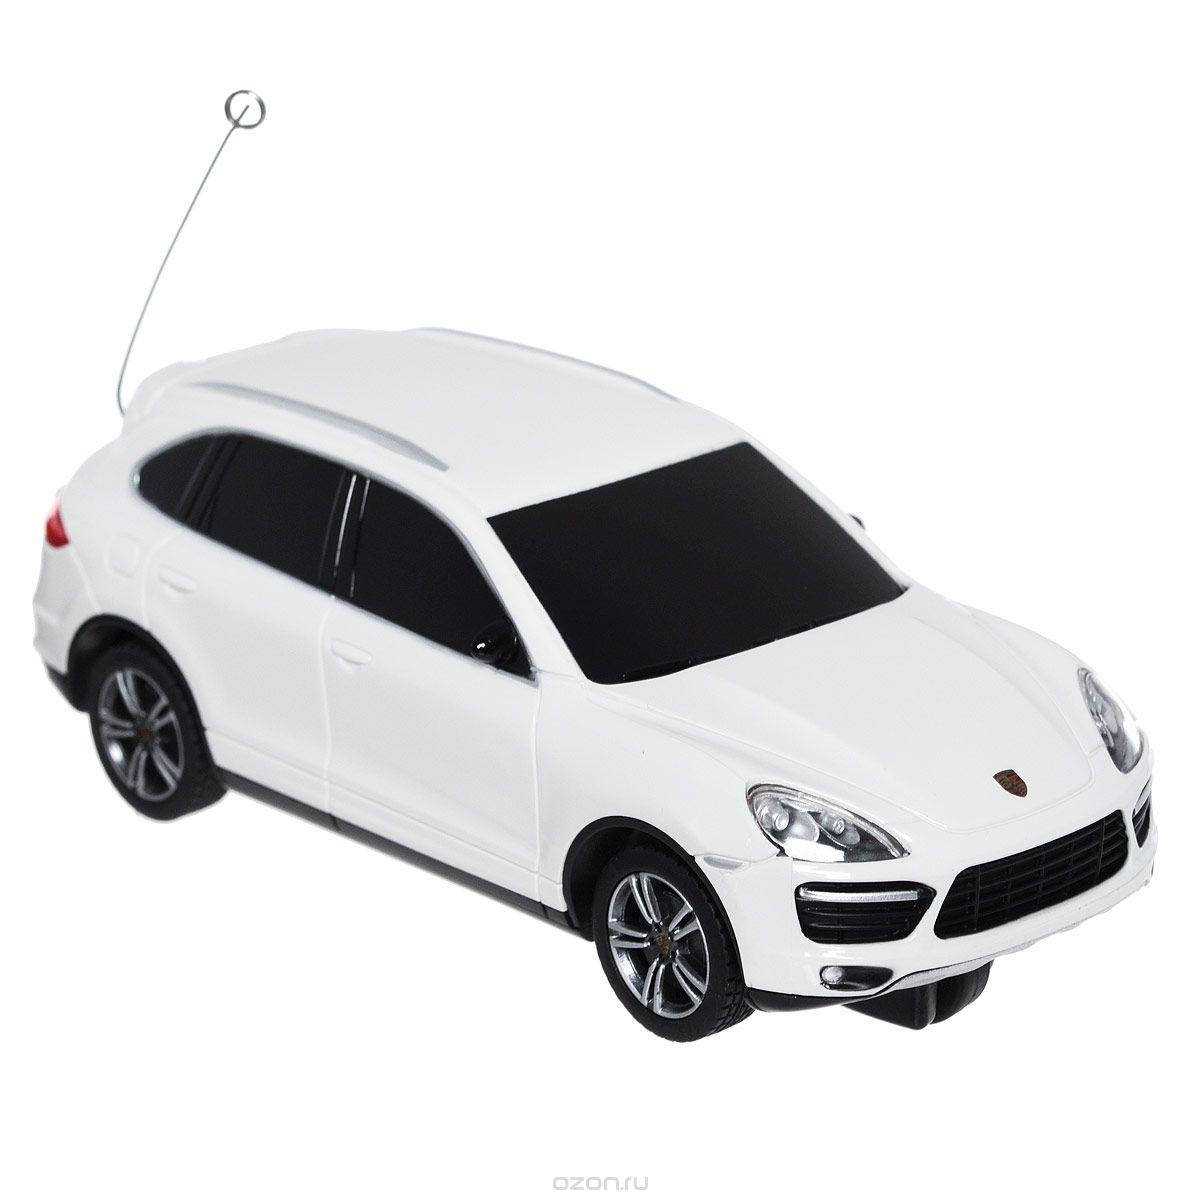 Rastar Радиоуправляемая модель Porsche Cayenne цвет белый50300Радиоуправляемая модель Rastar Porsche Cayenne со световыми эффектами, являющаяся точной копией настоящего автомобиля, - отличный подарок не только ребенку, но и взрослому. Машина изготовлена из современных прочных материалов и обладает высокой стабильностью движения, что позволяет полностью контролировать его процесс, управляя без суеты и страха сломать игрушку. Основные направления движения автомобиля: вперед-вправо. В комплект входят машина, пульт управления и инструкция на русском языке. Автомобиль работает от 2 батареек типа АА, пульт управления - от 2 батареек АА (не входят в комплект).